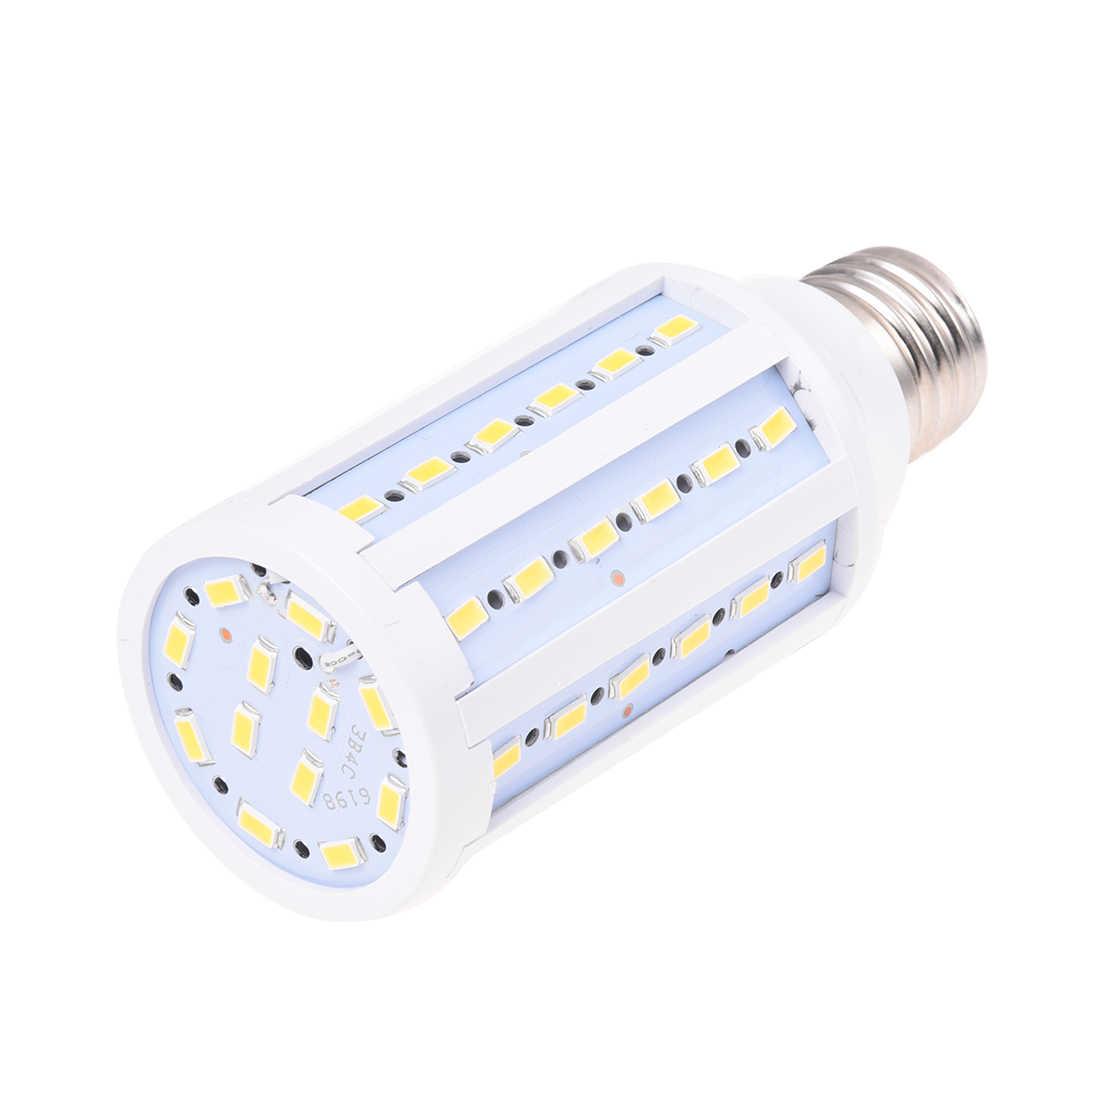 E27 15W SMD 2835 żarówka LED biała 1200 lm = 150W żarówka